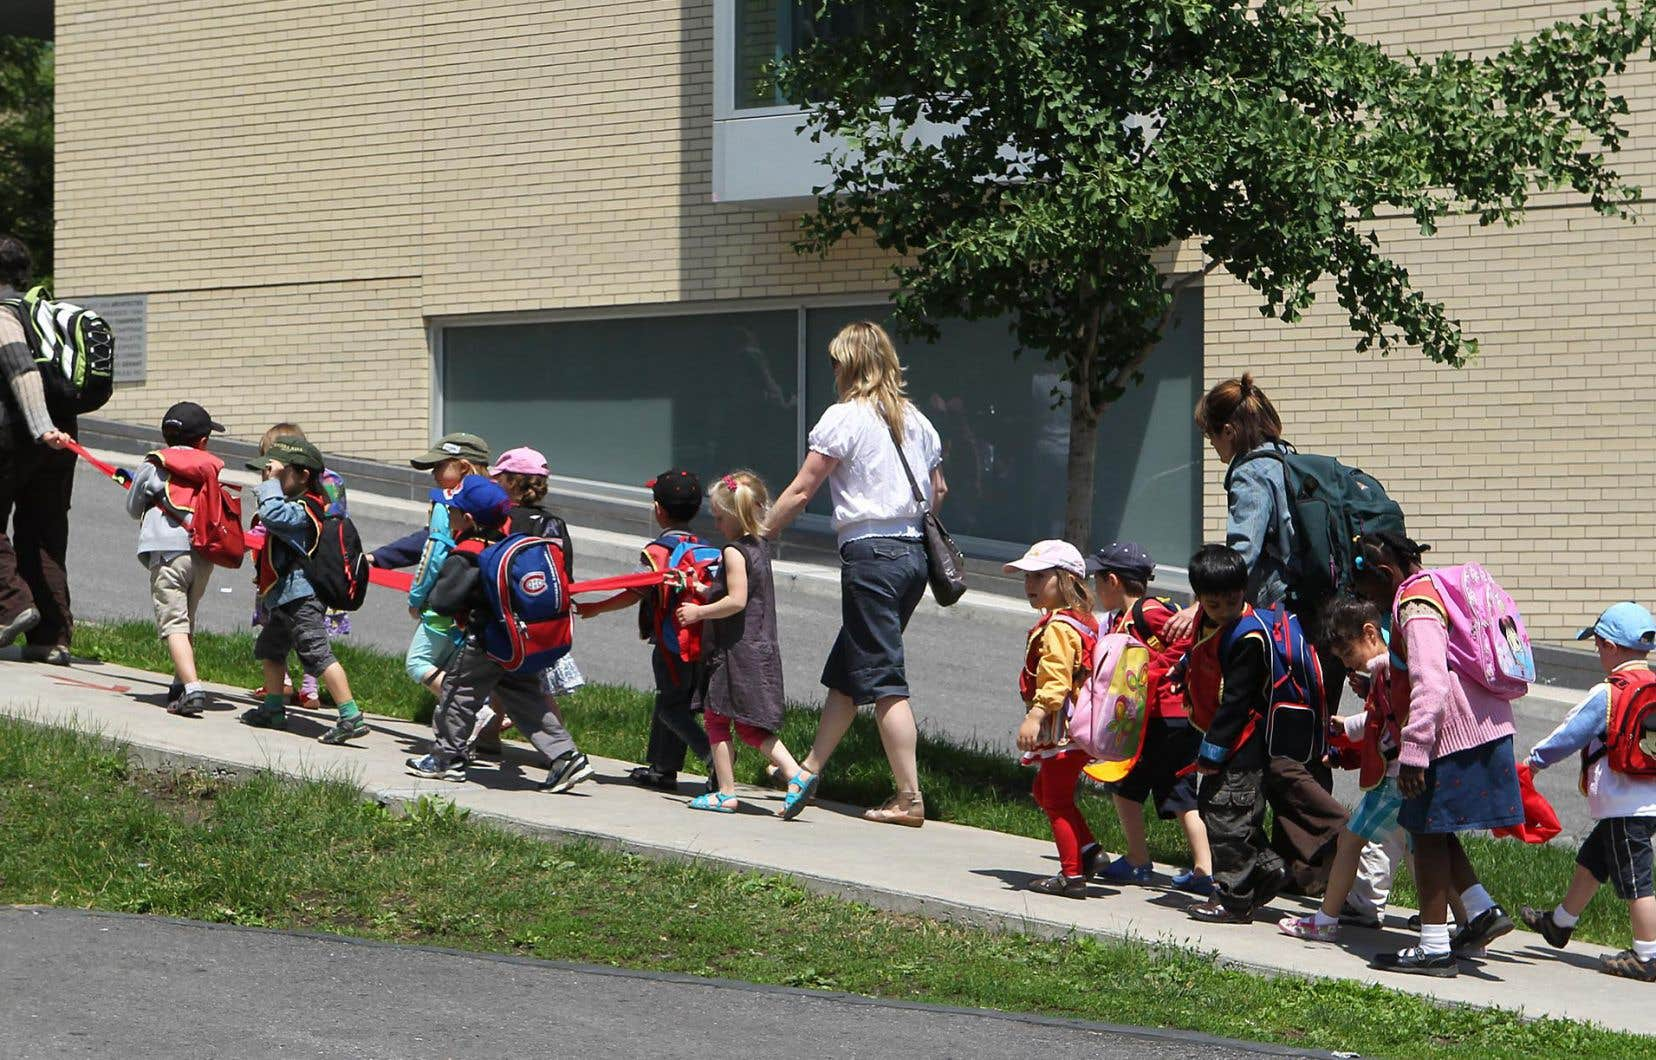 Les services aux enfants varient beaucoup d'une école à l'autre, d'une commission scolaire à l'autre.